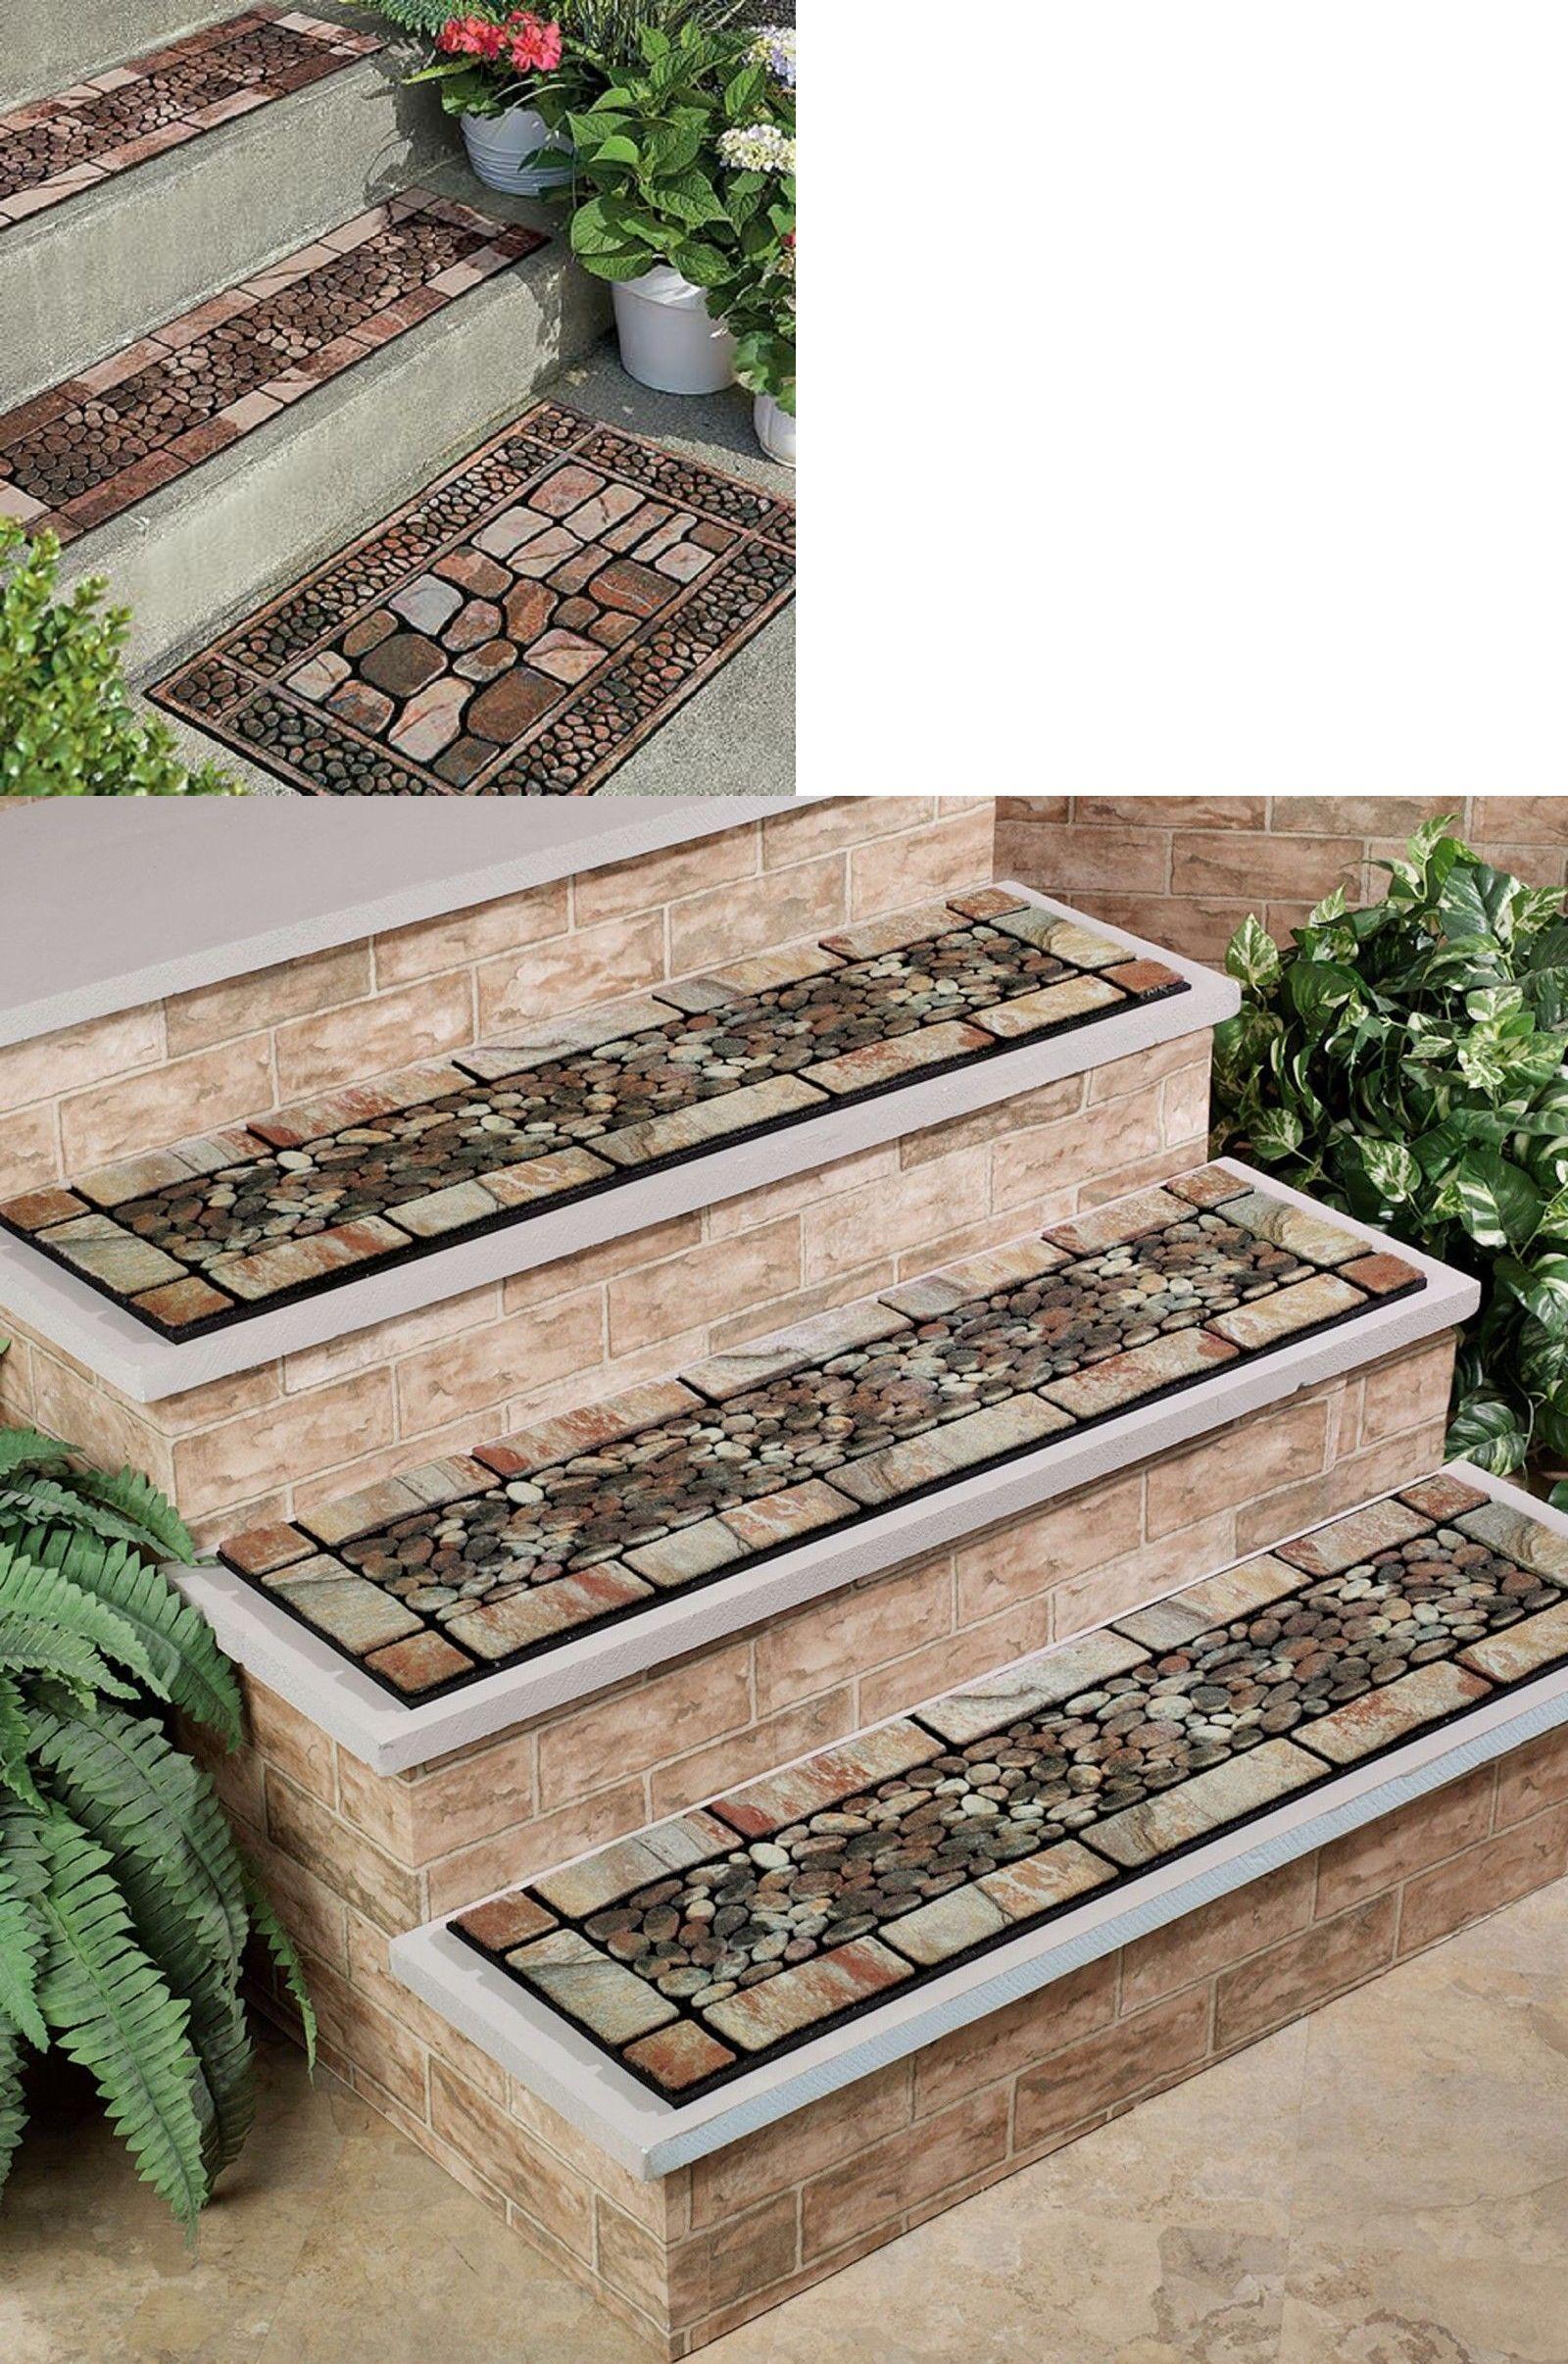 Best Stair Treads 175517 Outdoor Stones Door Mat Or Stair 400 x 300